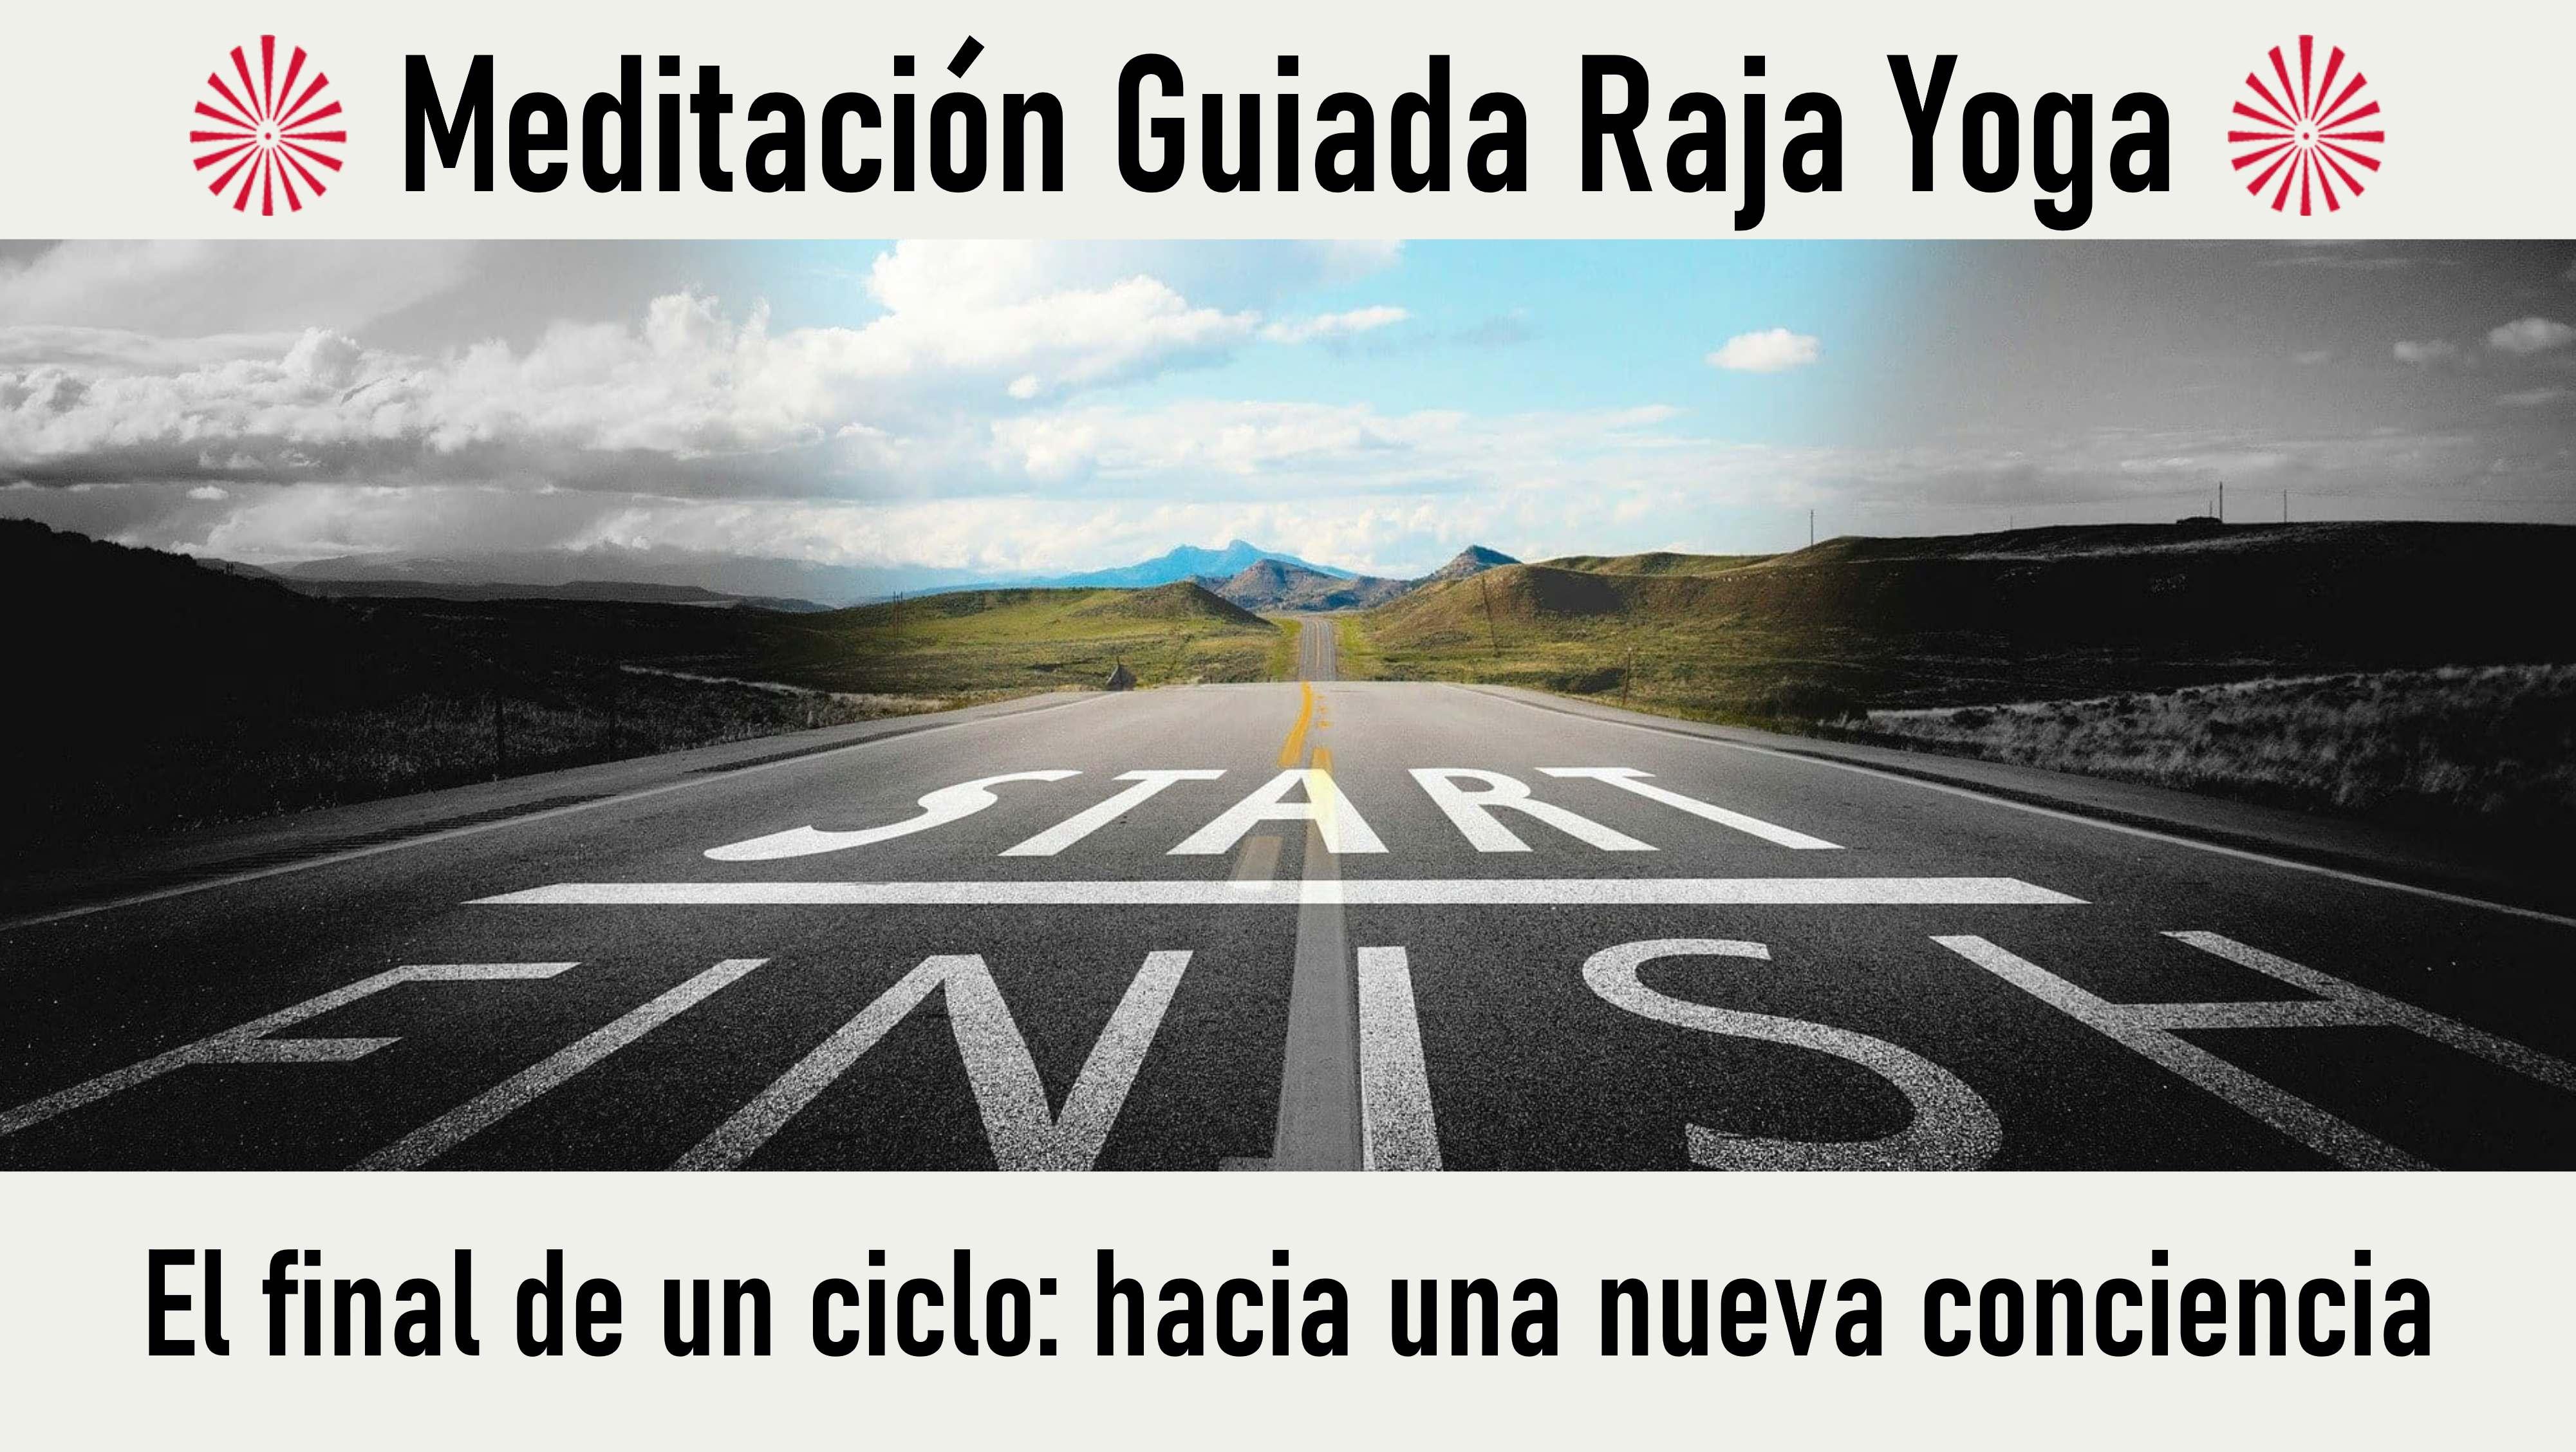 30 Agosto 2020  Meditación guiada: El final de un ciclo hacia una nueva conciencia